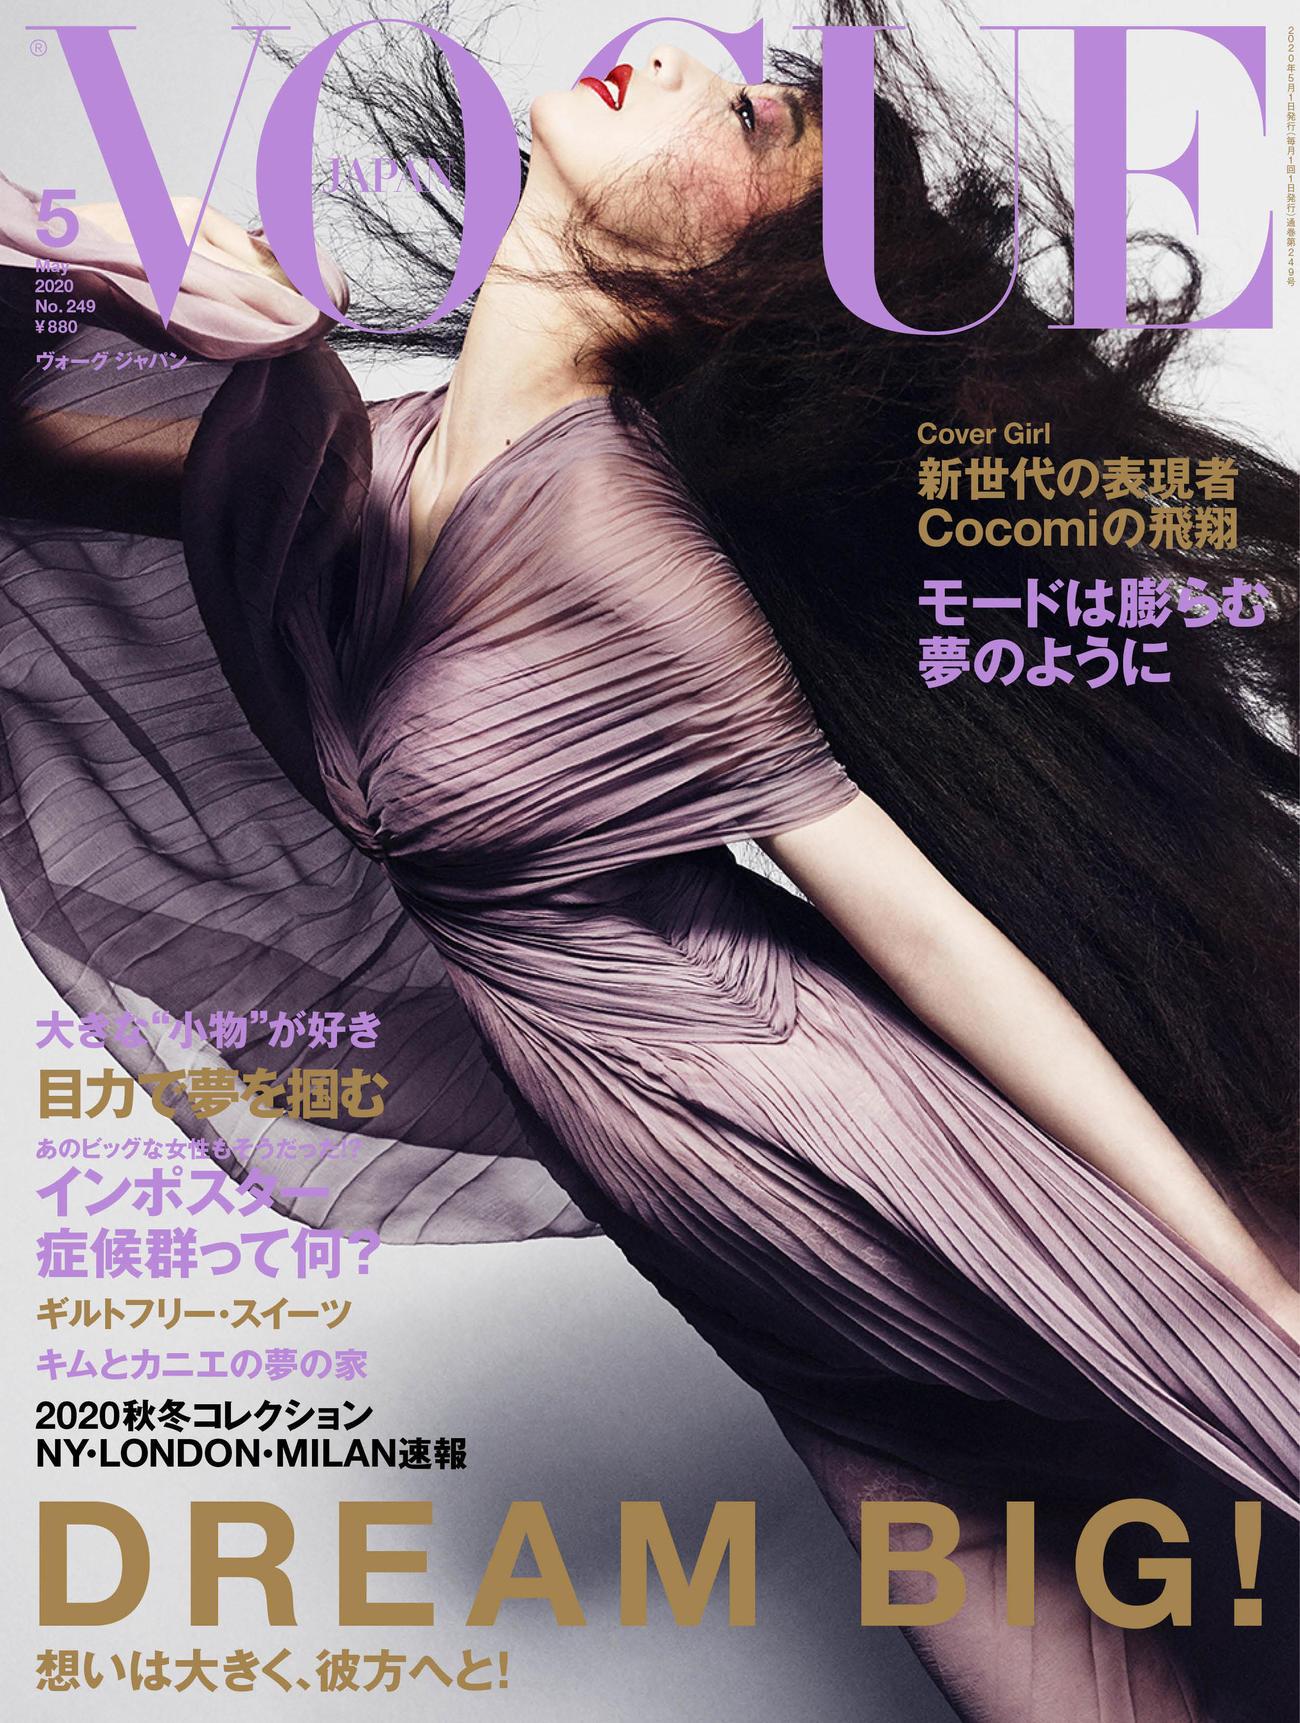 28日発売の「VOGUE JAPAN」5月号の表紙でデビューするCocomi Luigi&Iango(C)2020Cond(é)NastJapan.Allrightsreserved.